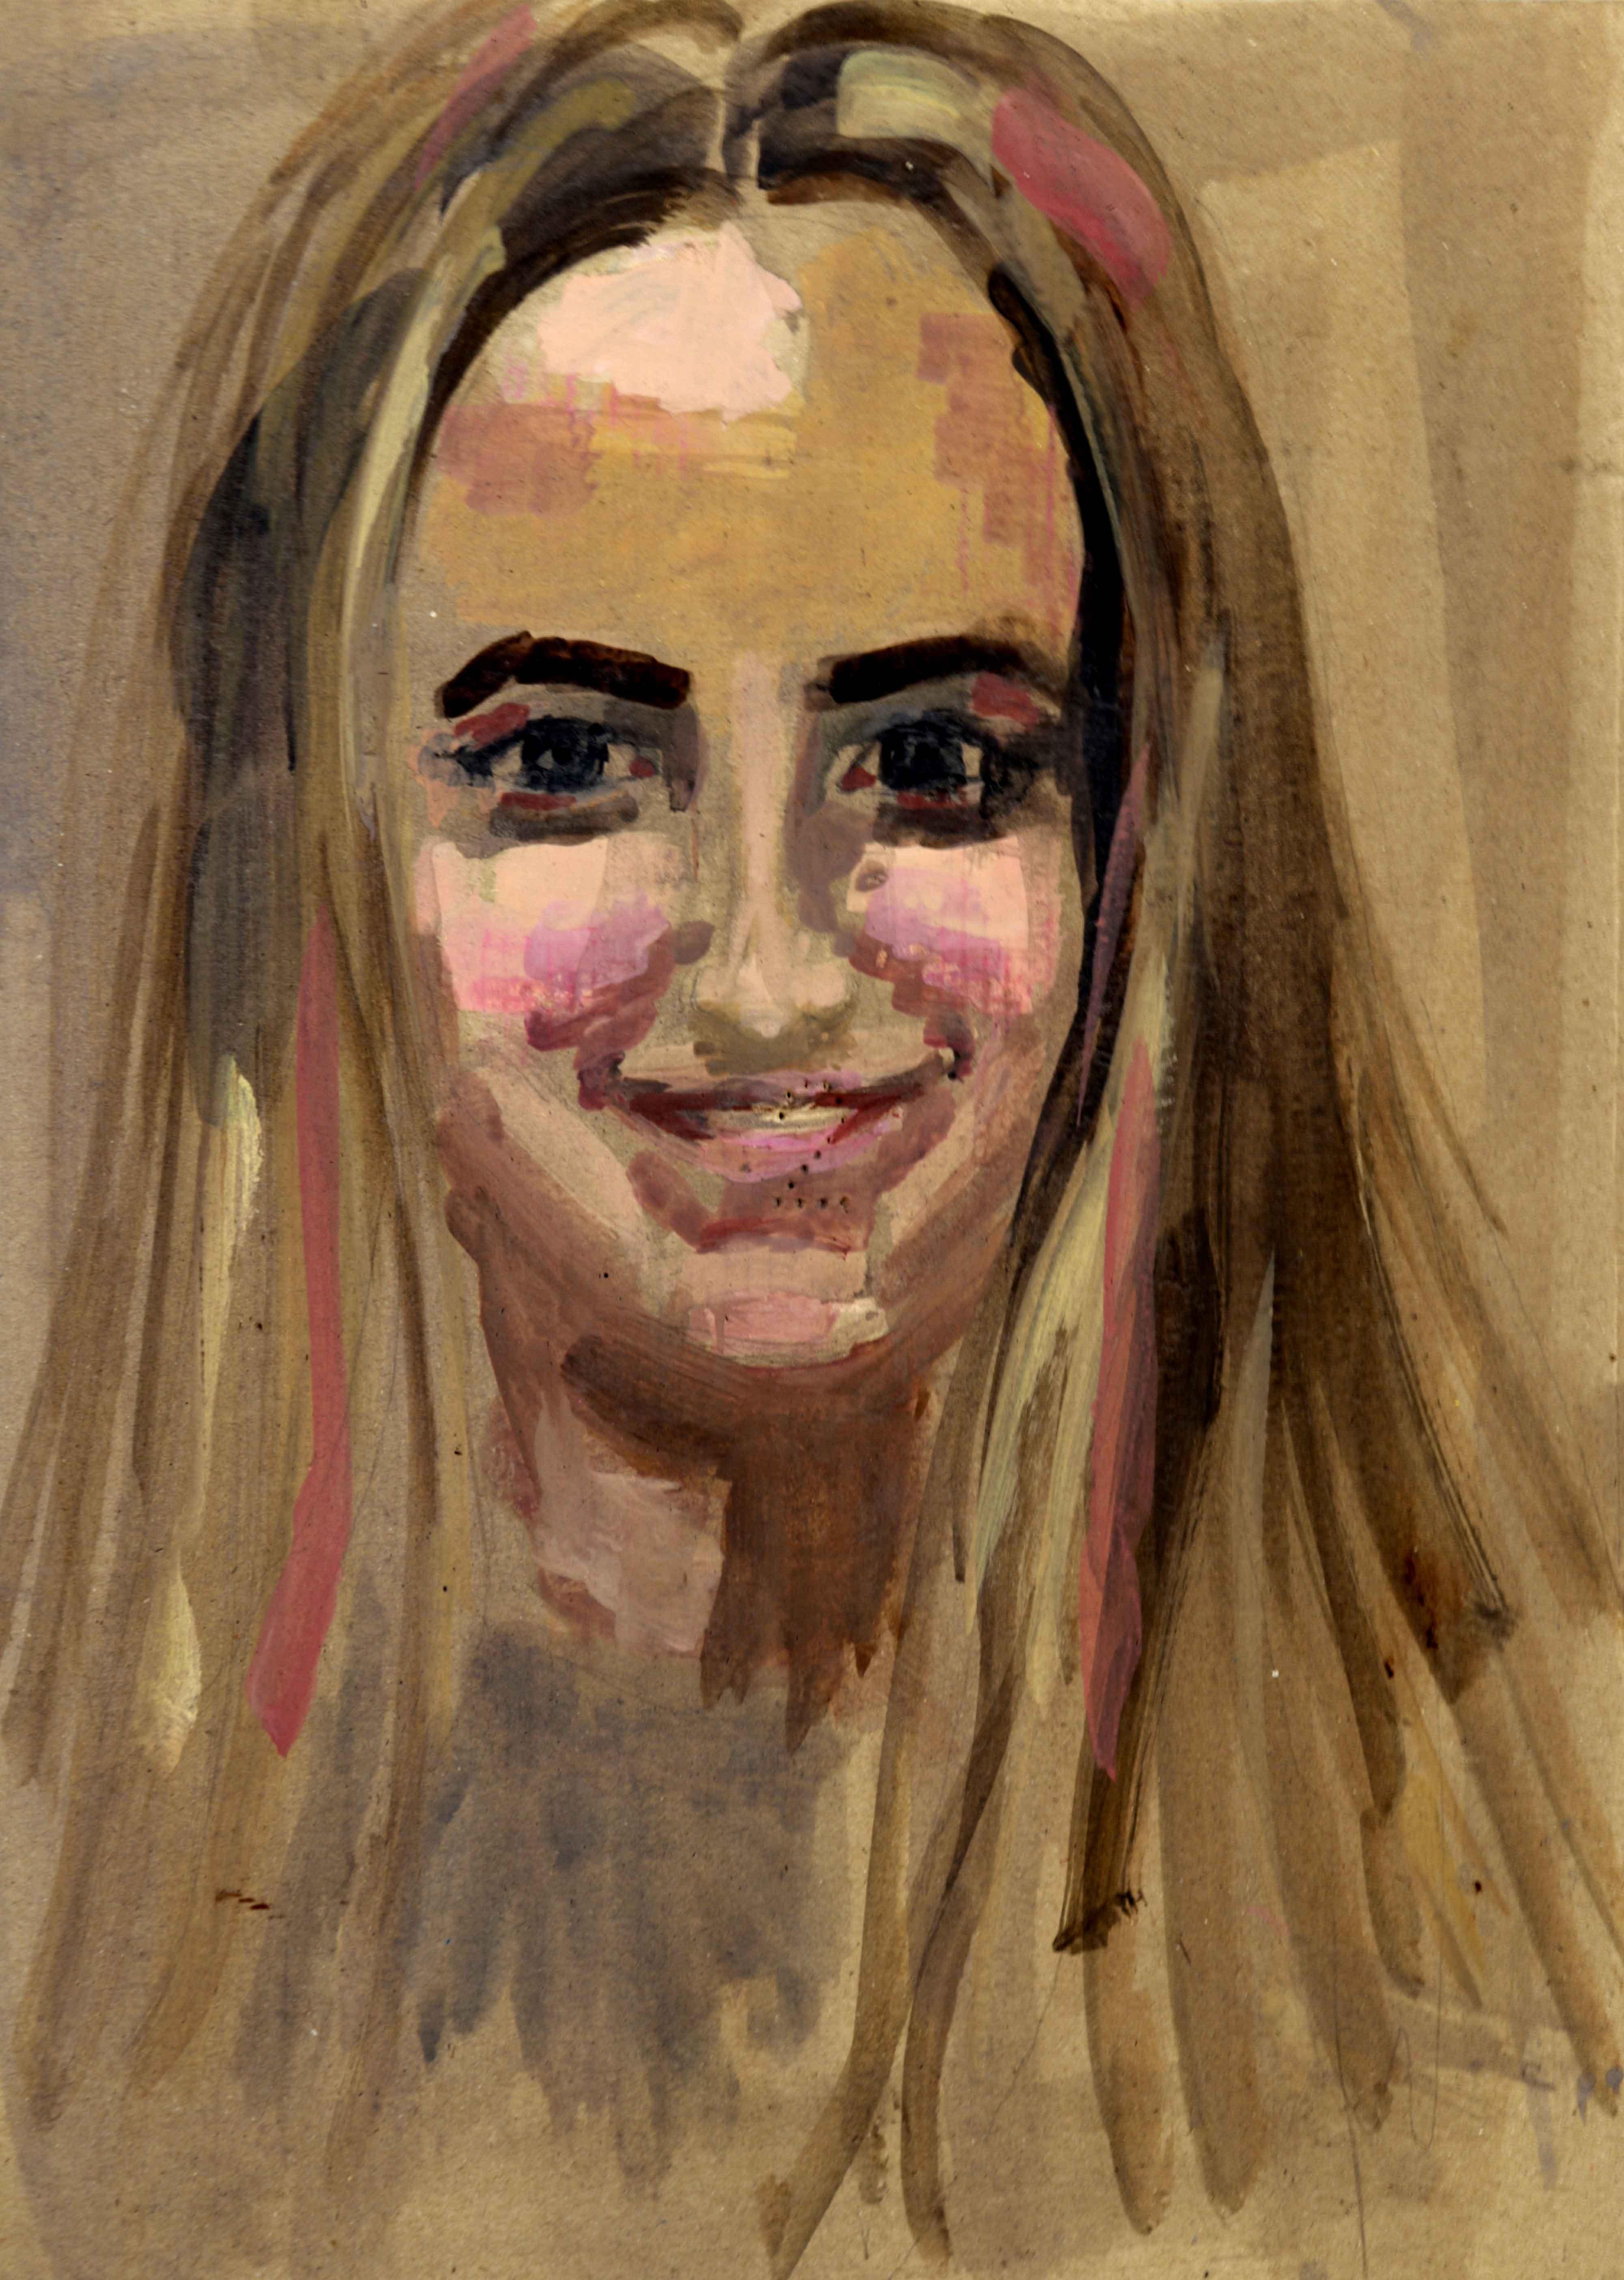 Portrait peinture gouache sur carton  cours de dessin